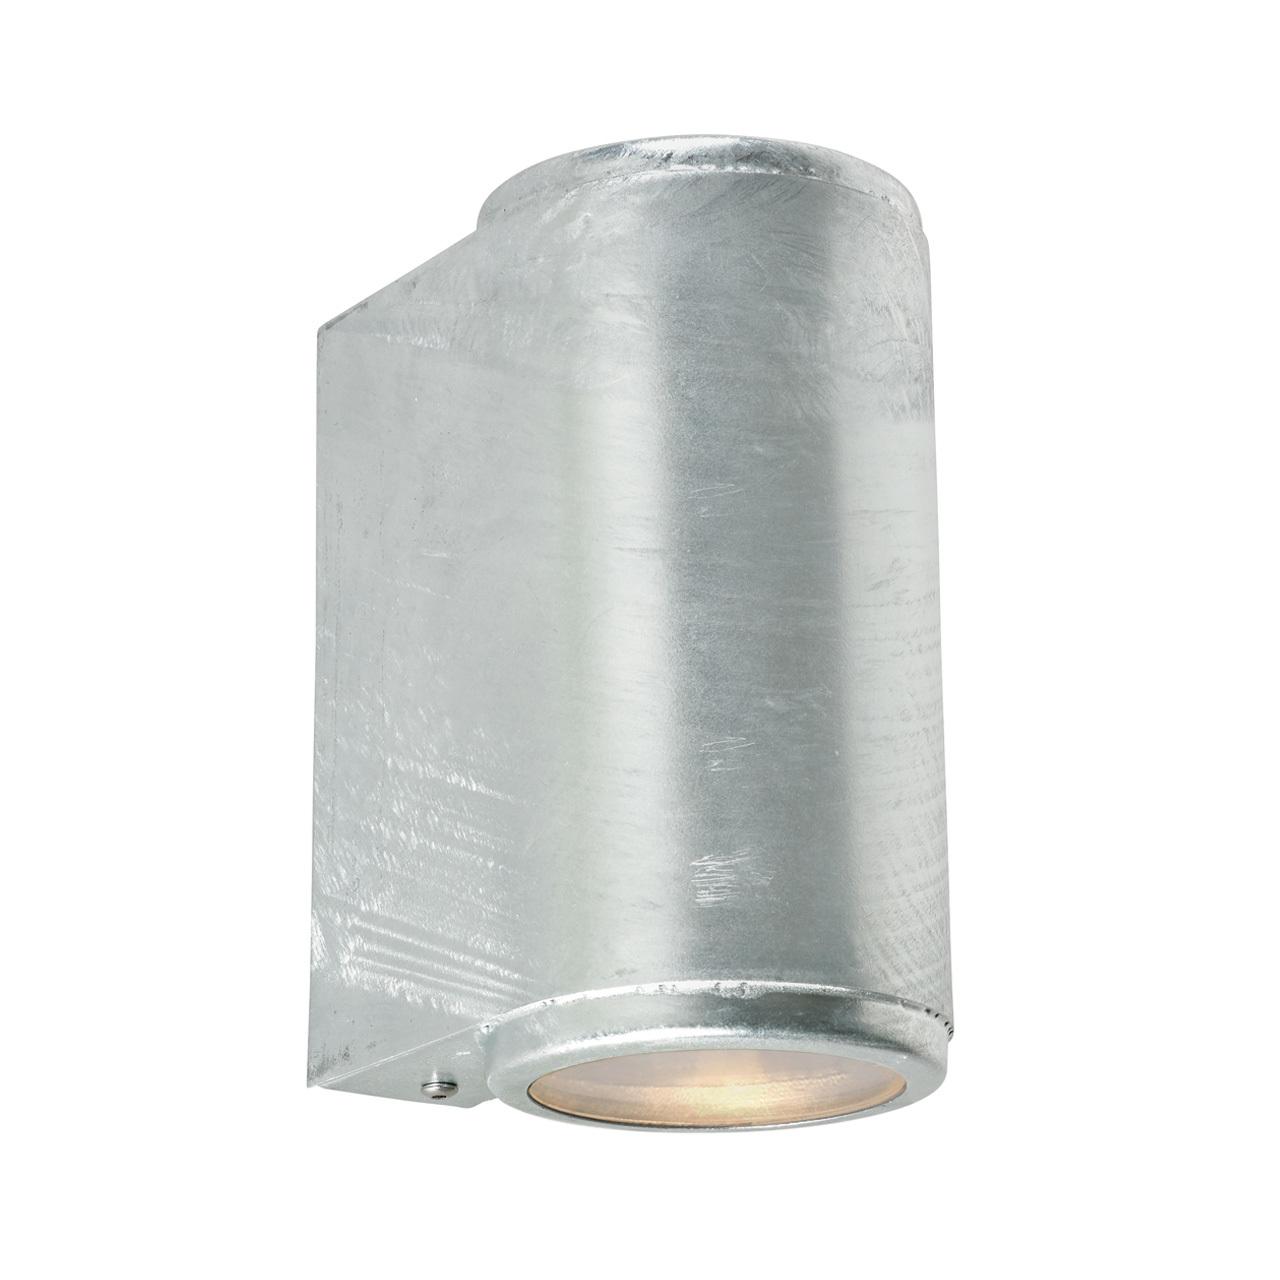 Lampa ścienna MANDAL 1371GA -Norlys  SPRAWDŹ RABATY  5-10-15-20 % w koszyku